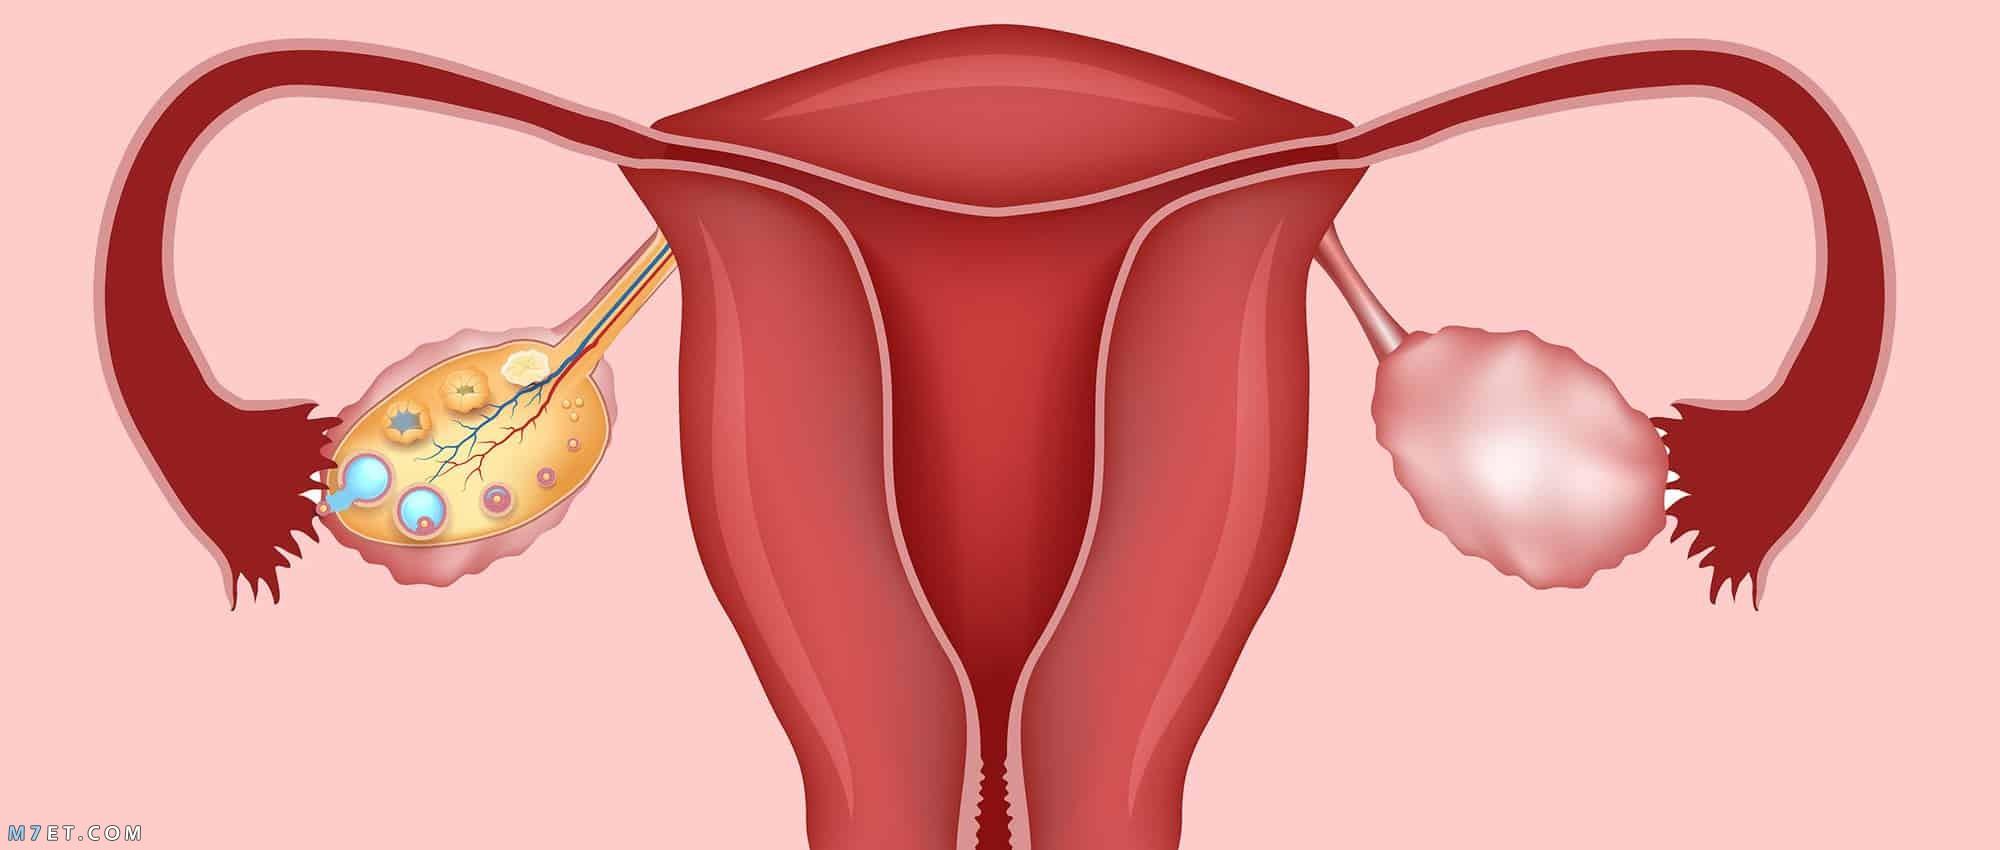 اسباب تقلصات الرحم